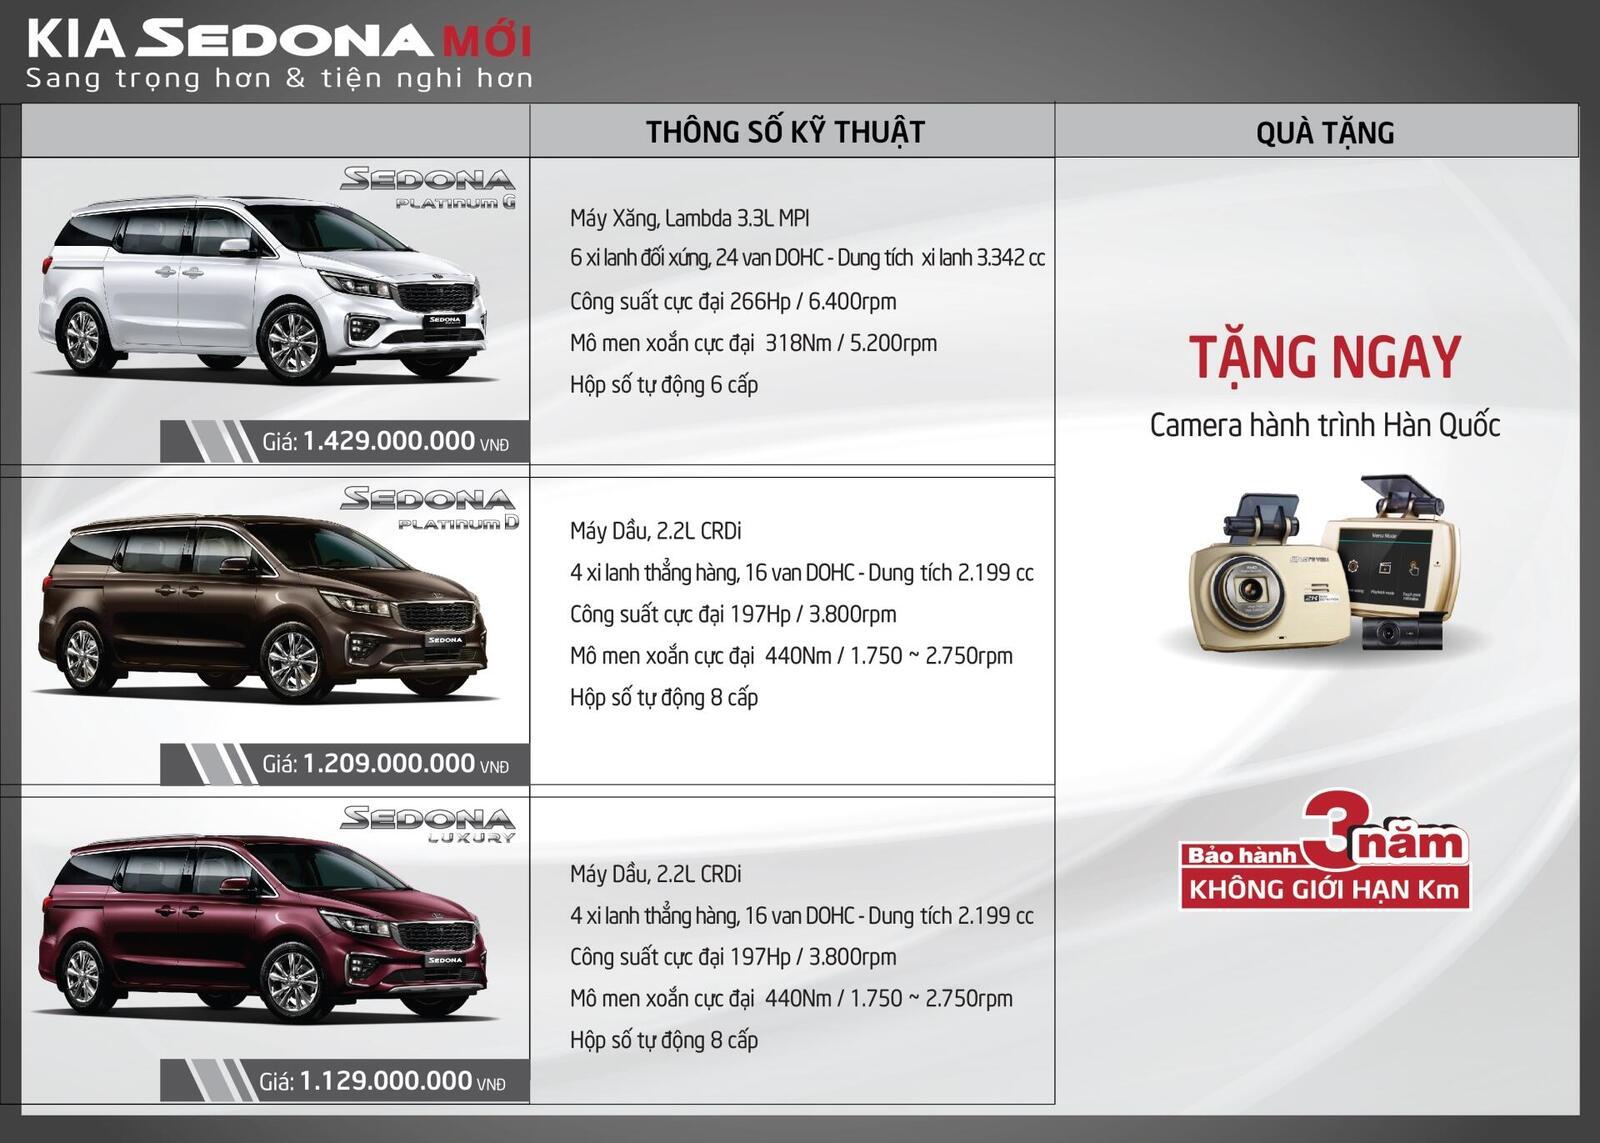 Giá bán 3 phiên bản Kia Sedona tại Việt Nam